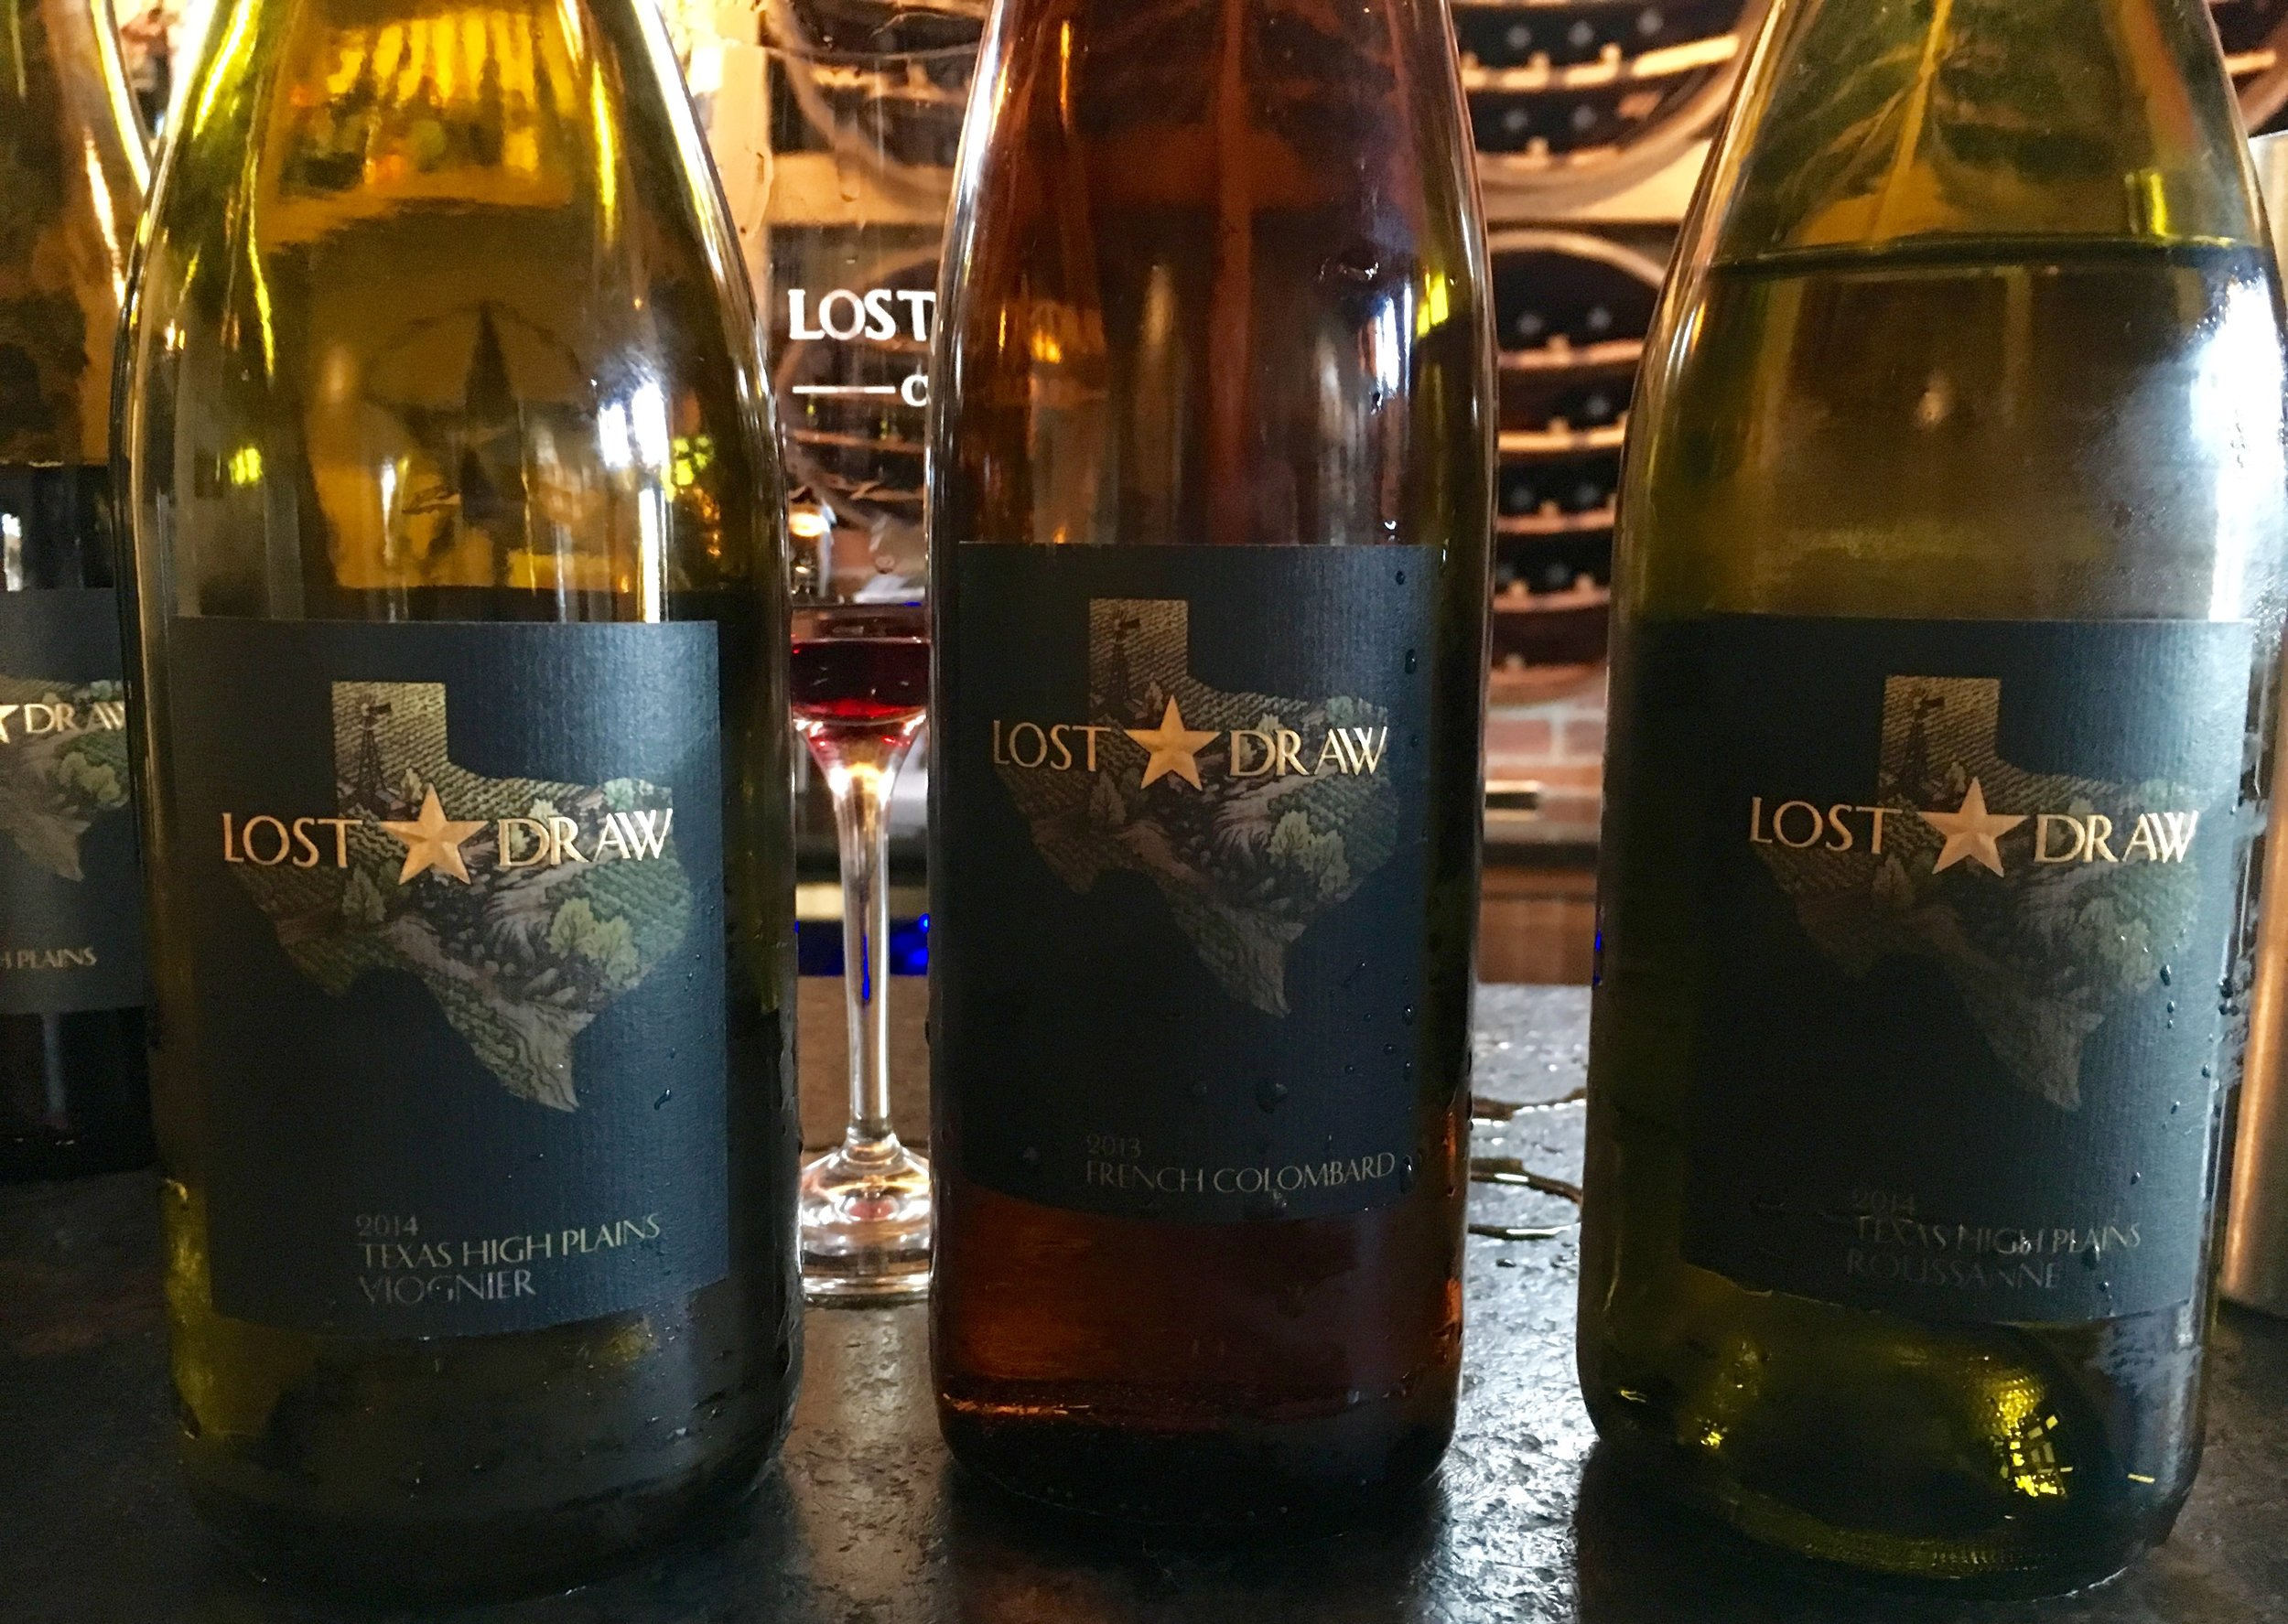 Roussanne, Colombard, Viognier